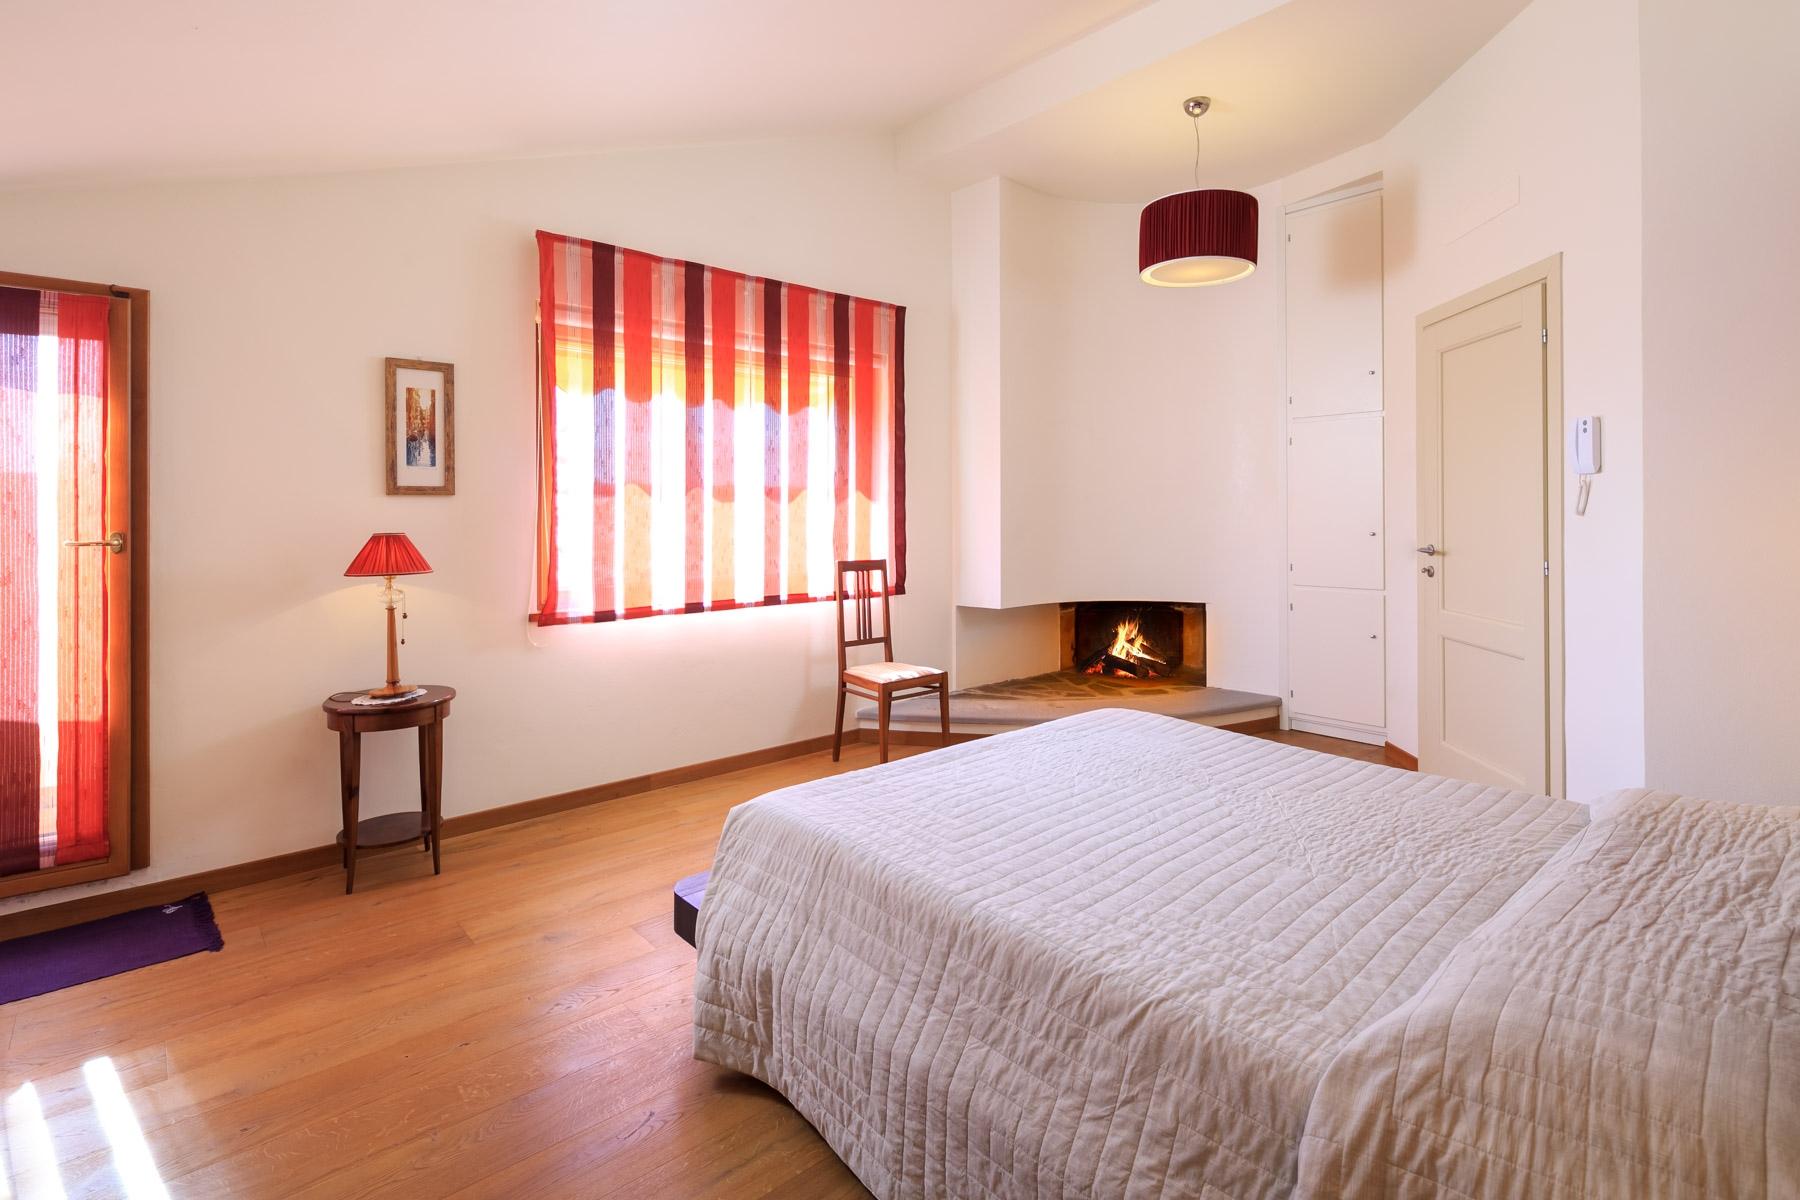 Villa in Vendita a Reggello: 5 locali, 400 mq - Foto 7